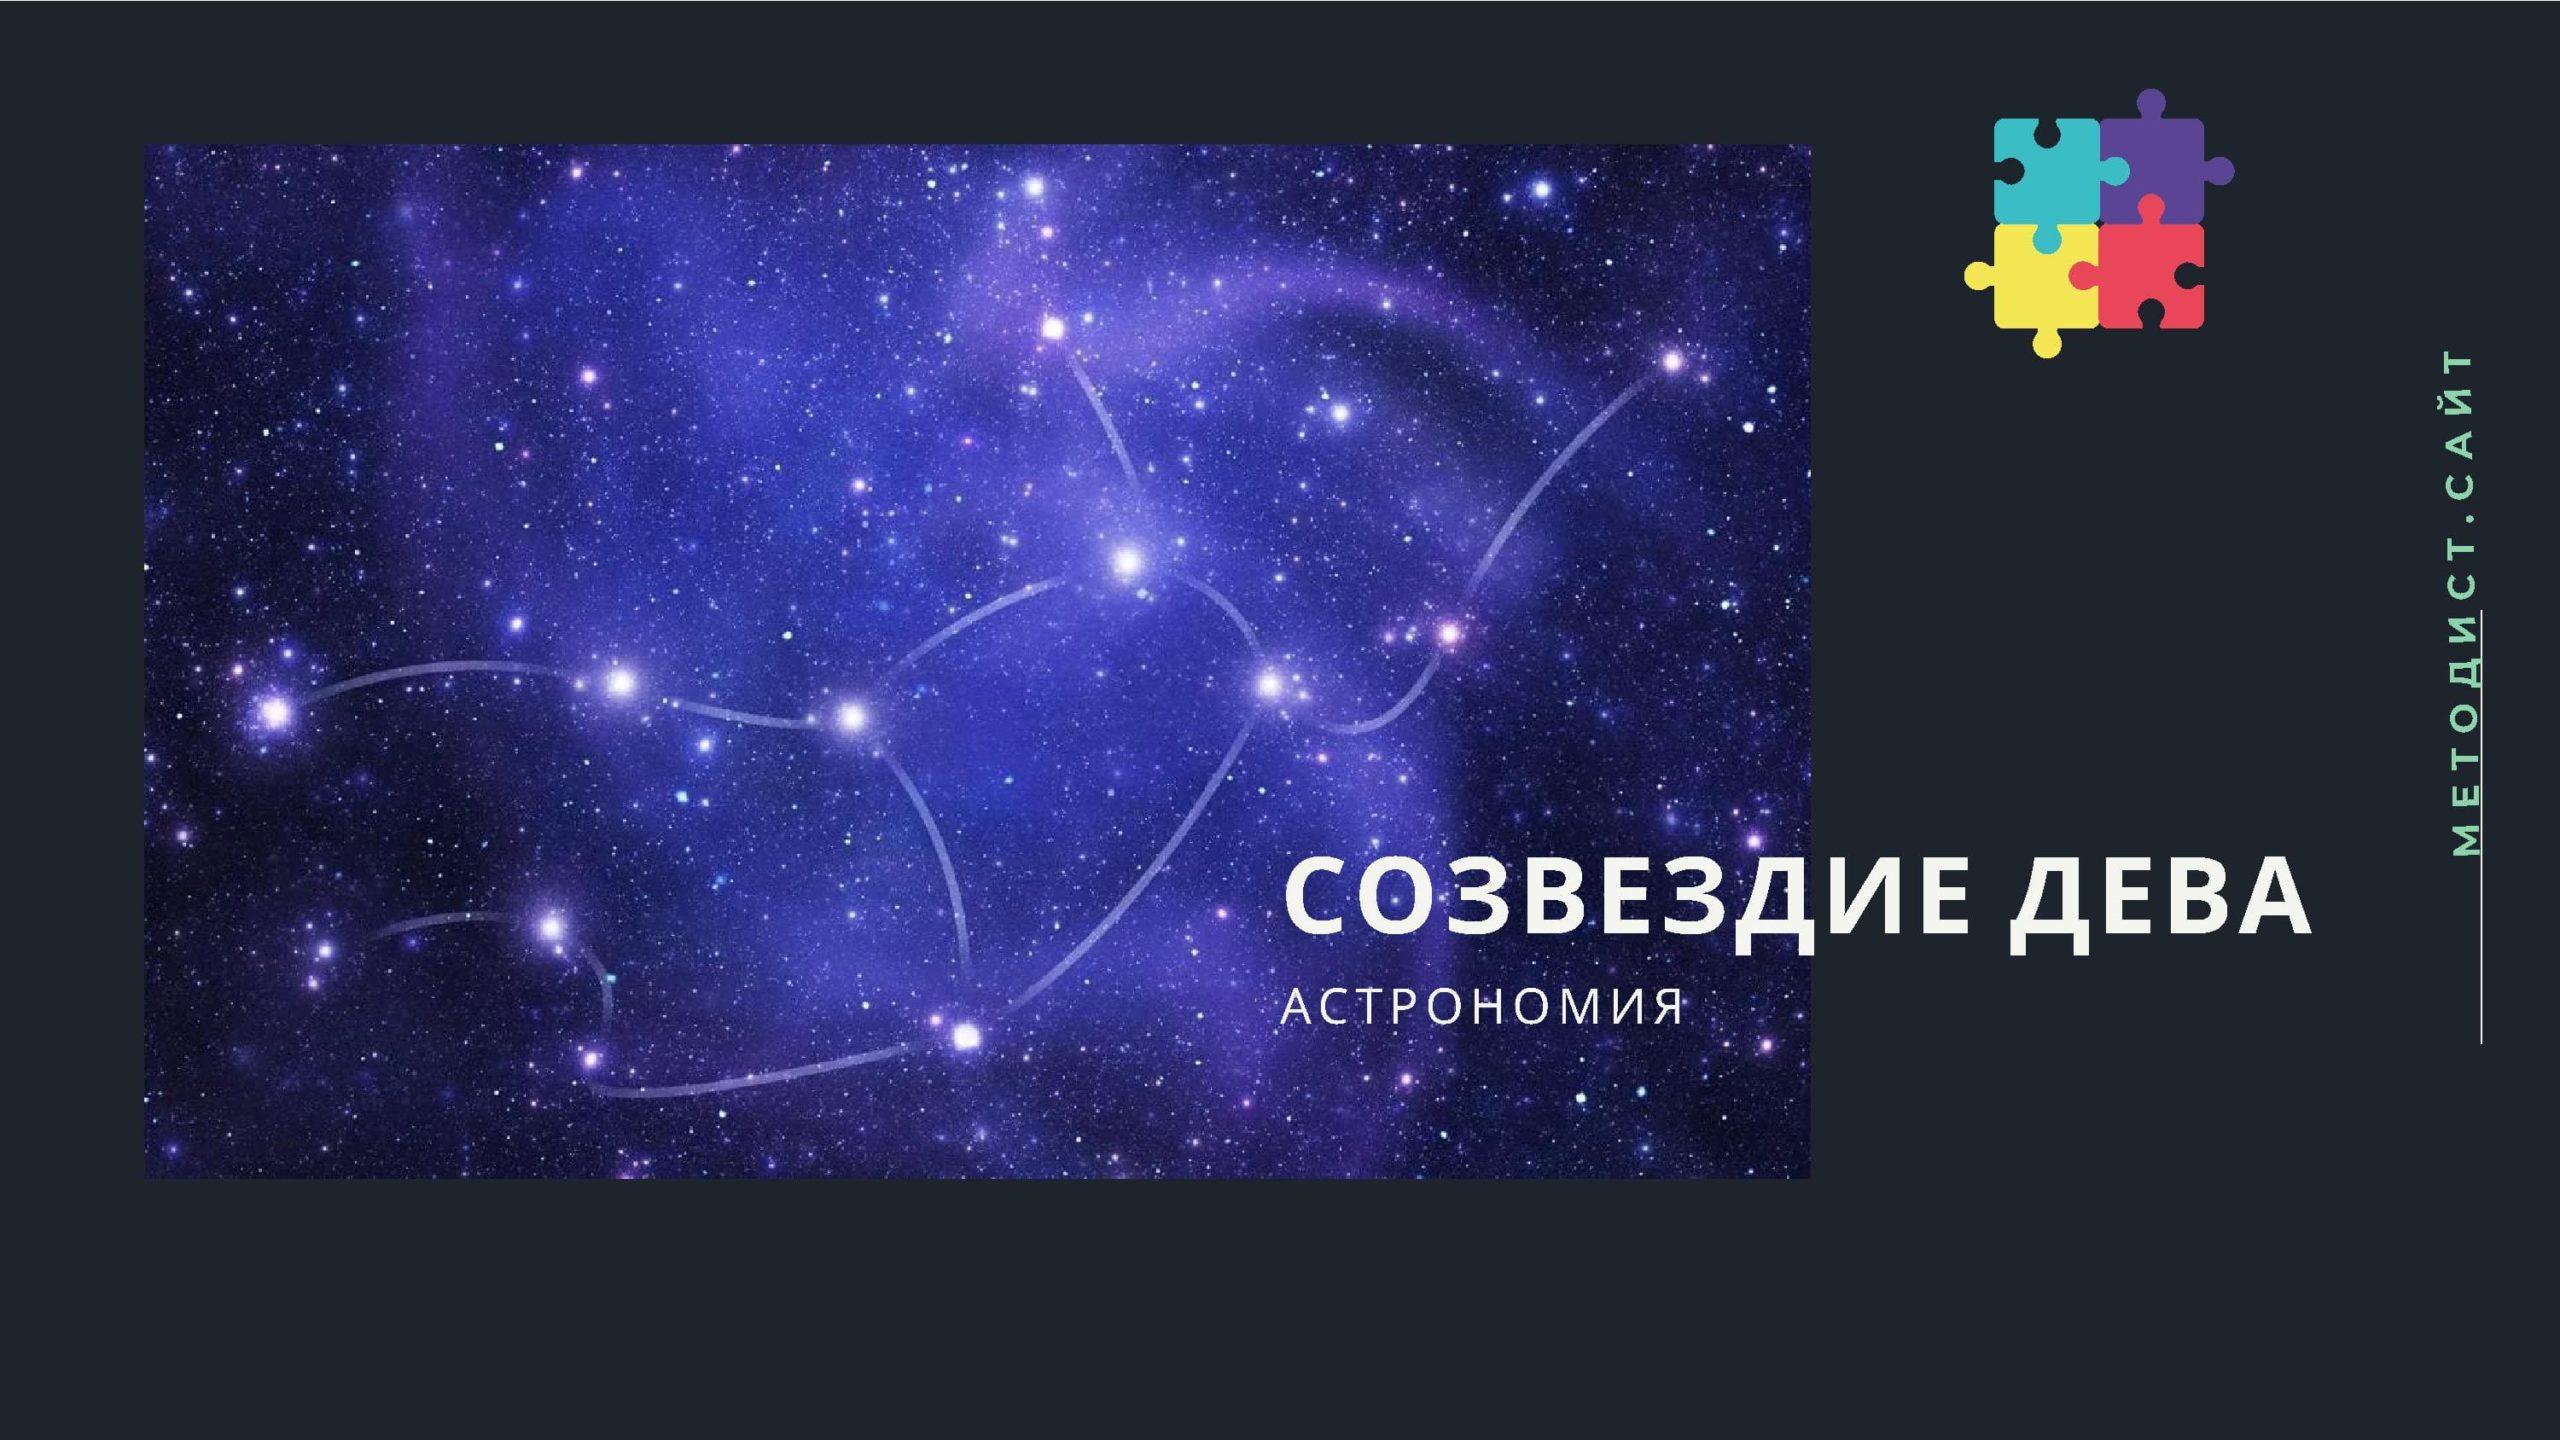 Созвездие Дева. Астрономия